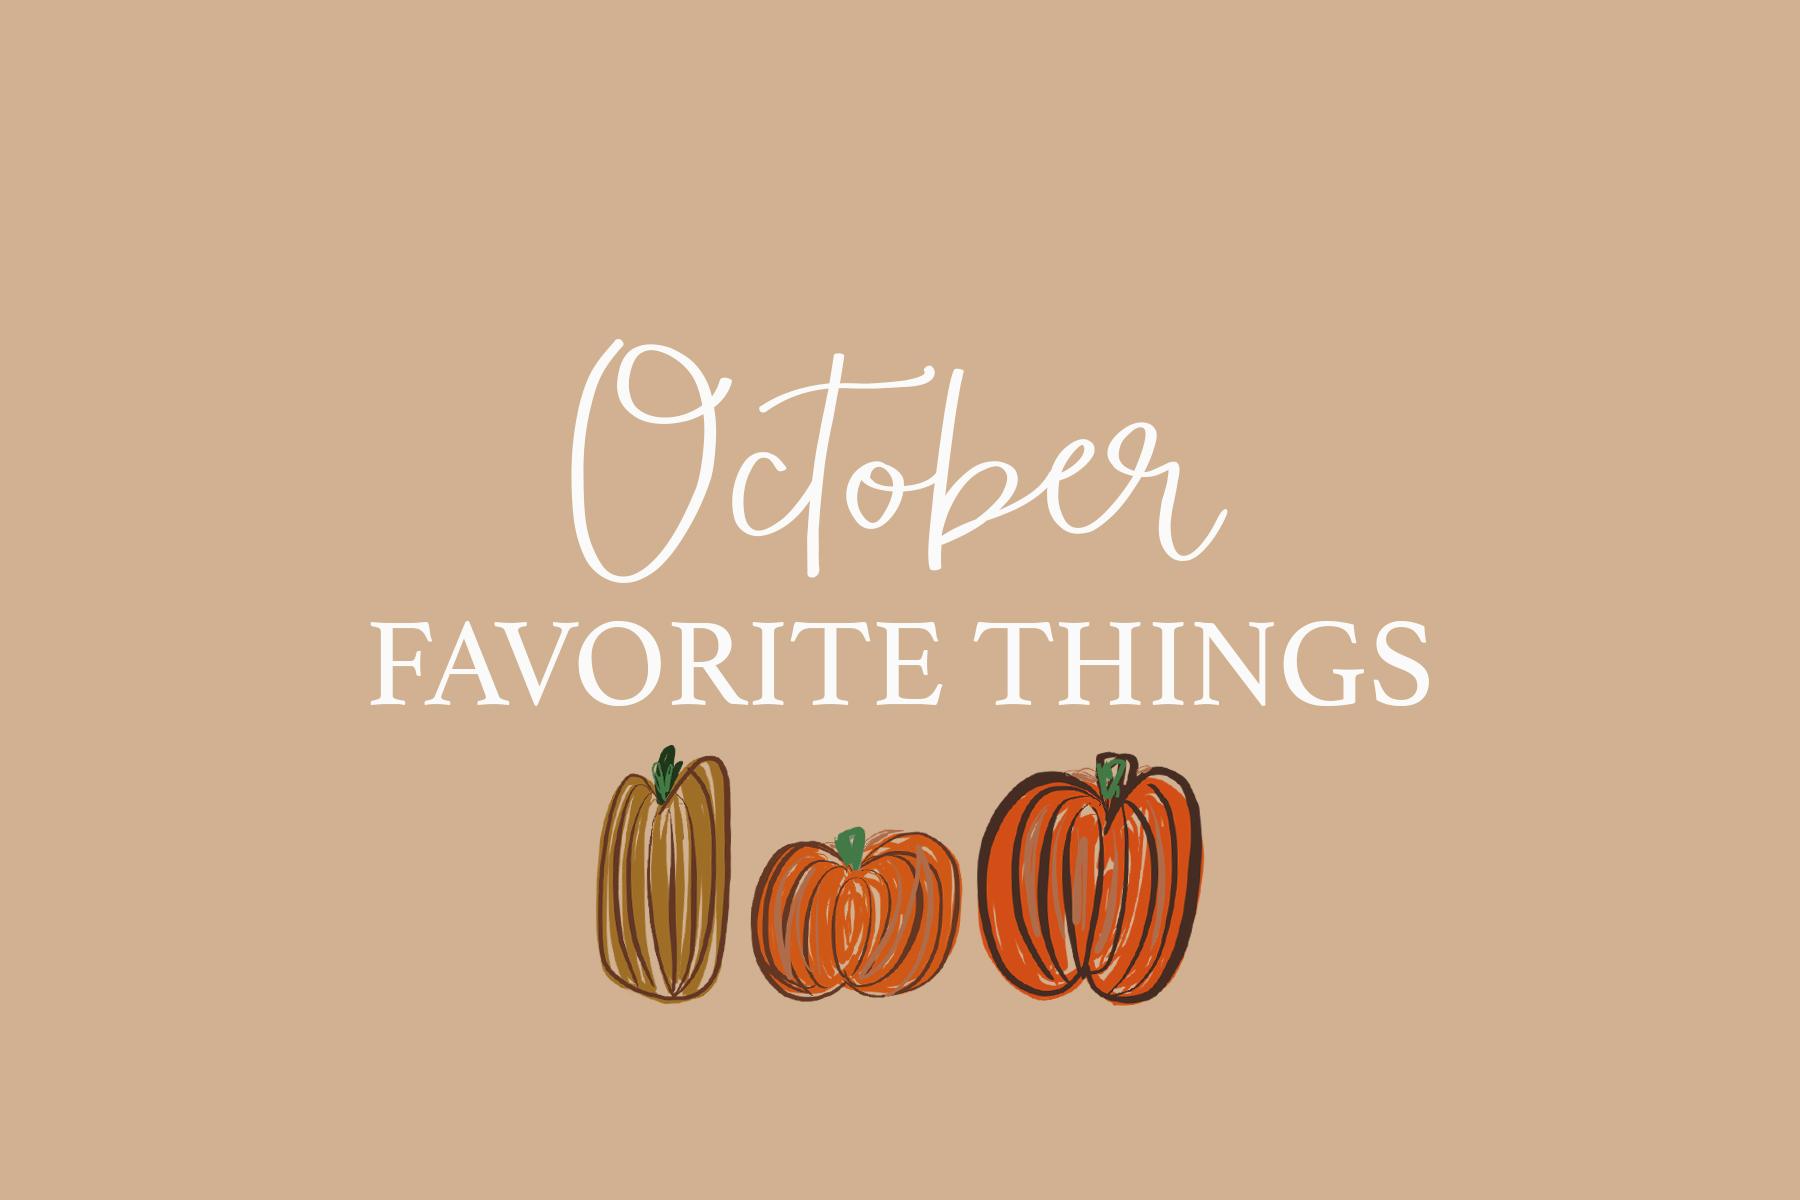 October Favorite Things.jpg